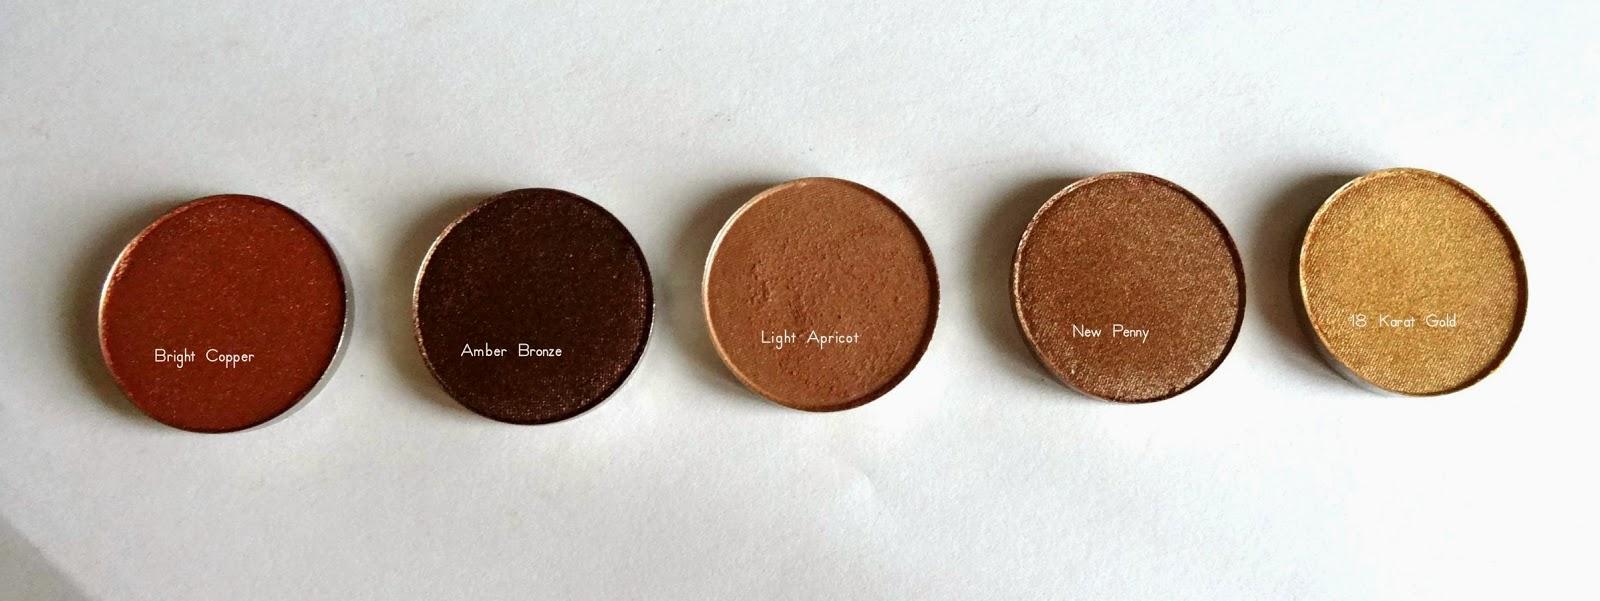 coastal scents hot pots haul Bright Copper, Amber Bronze,Light Apricot,New Penny,18 Karat Gold